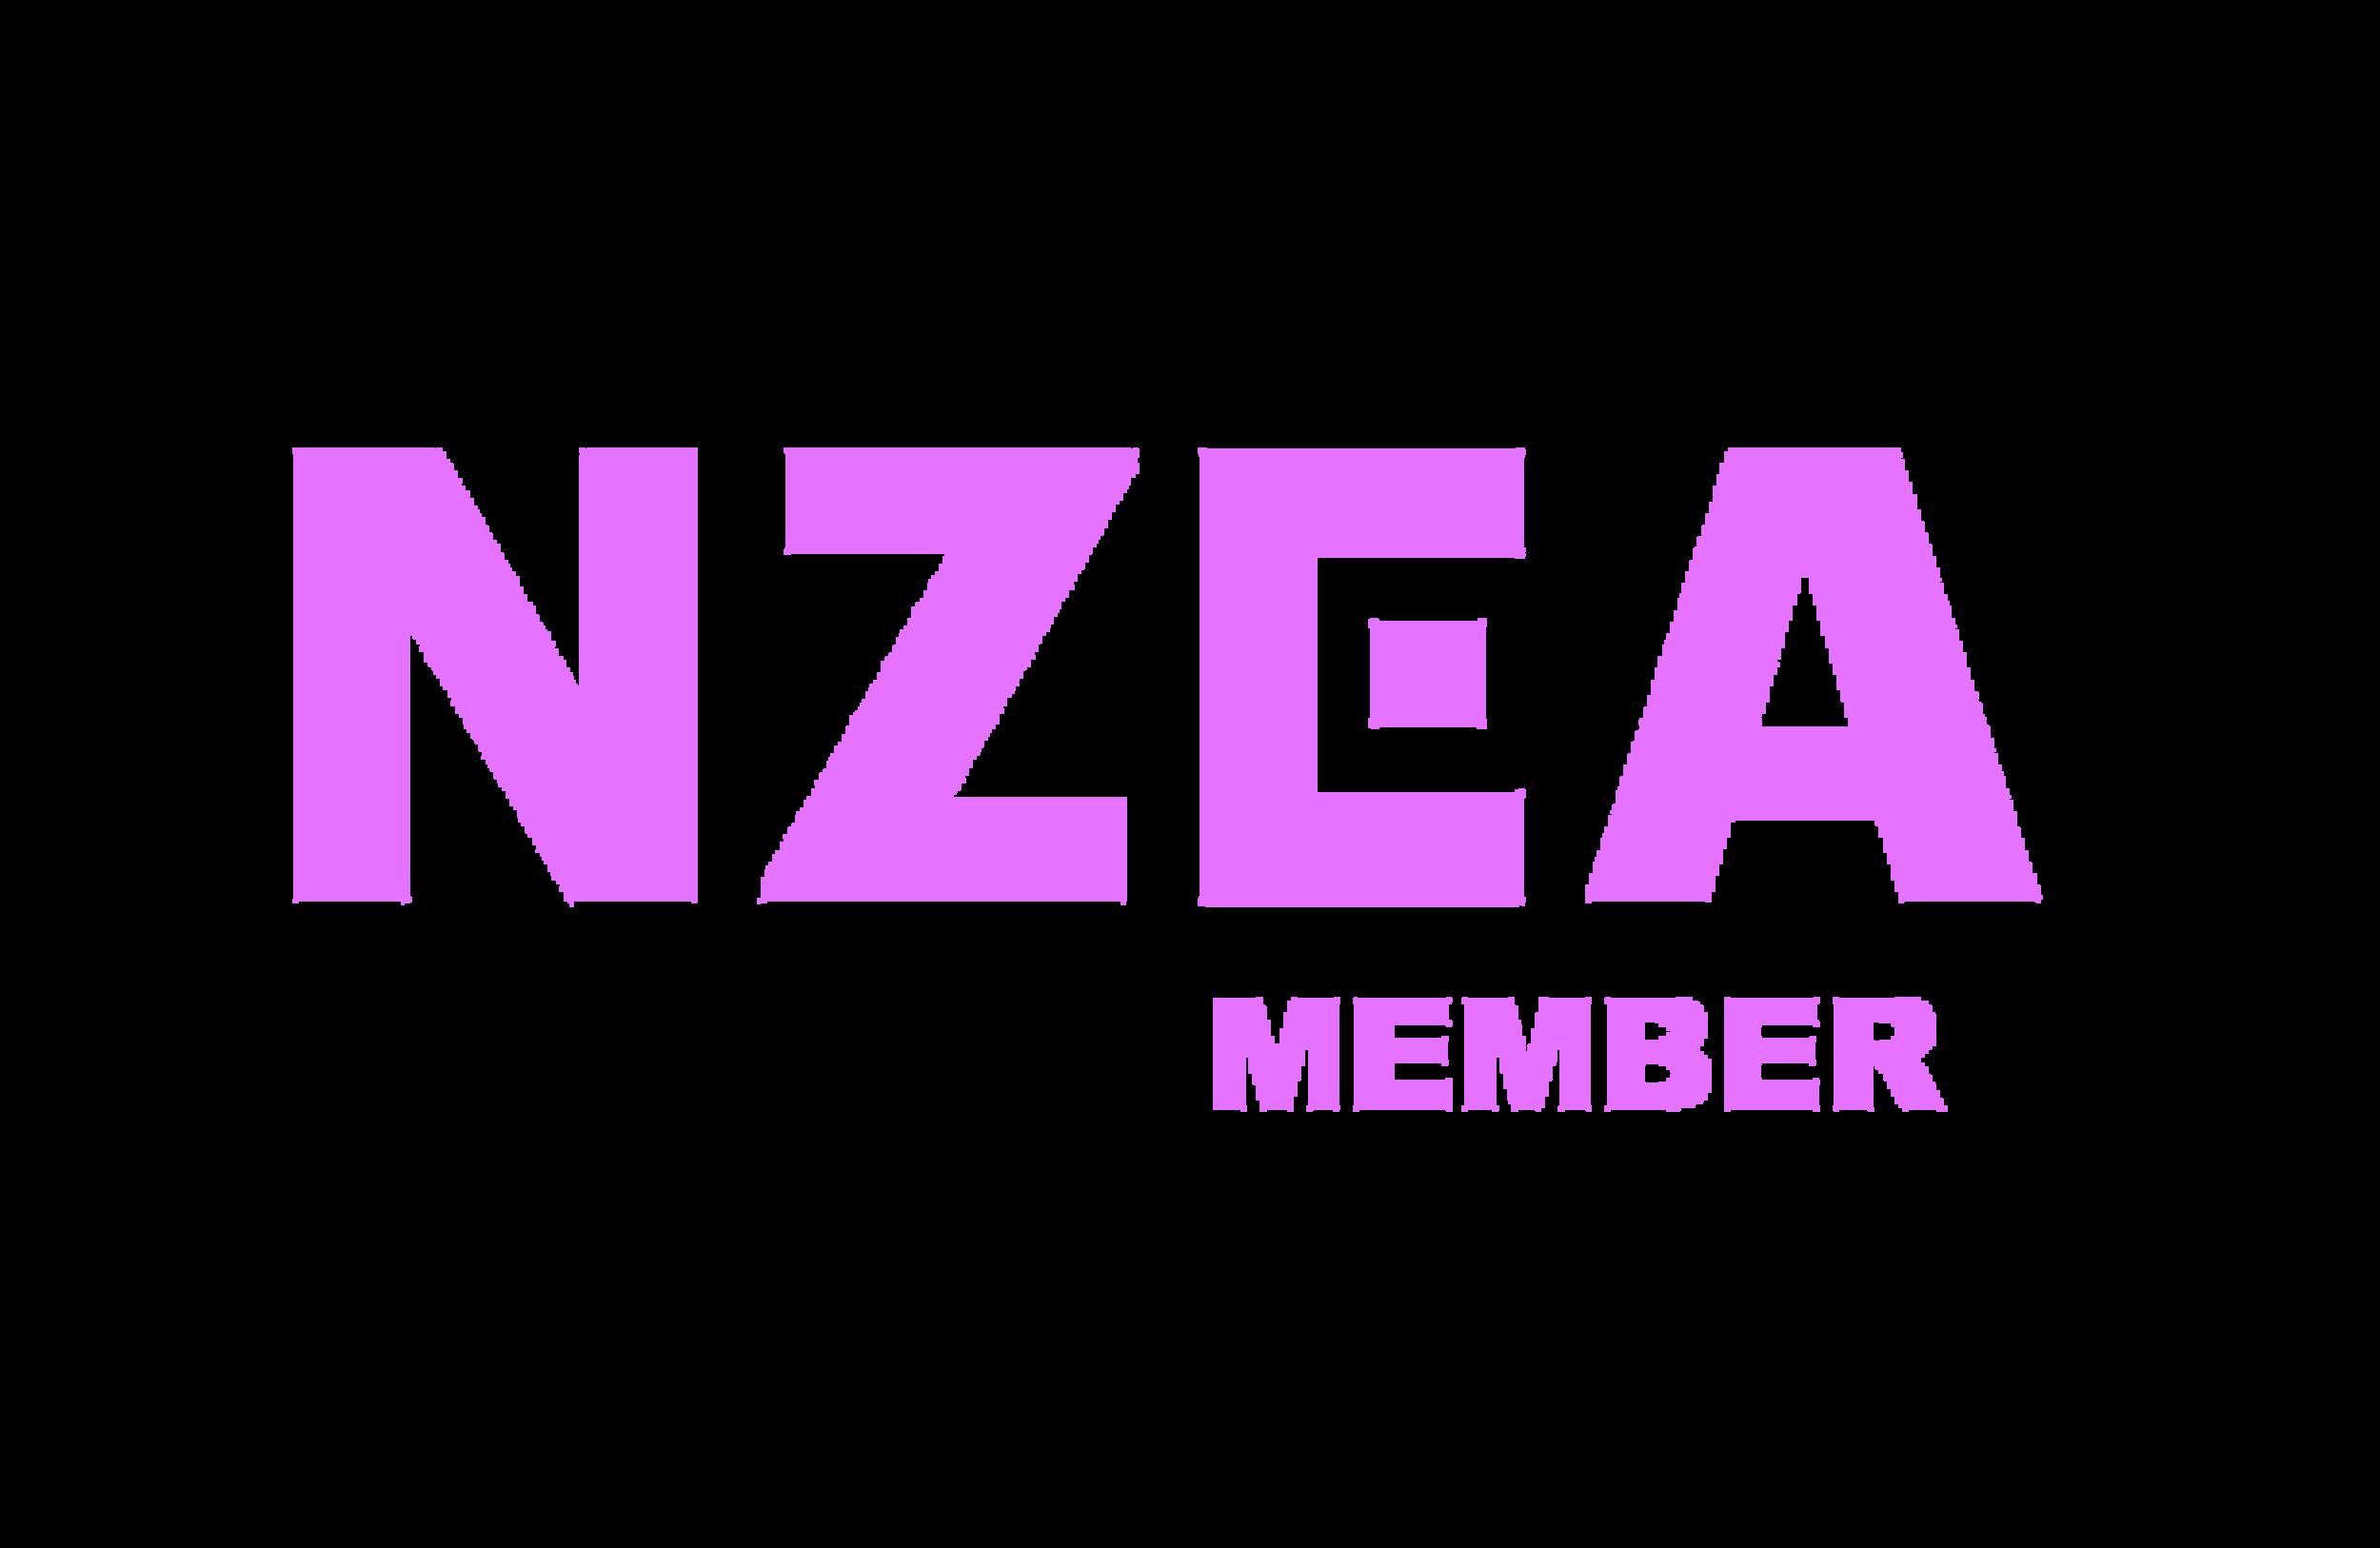 NZEA_Member_Logo_2019 (1).png